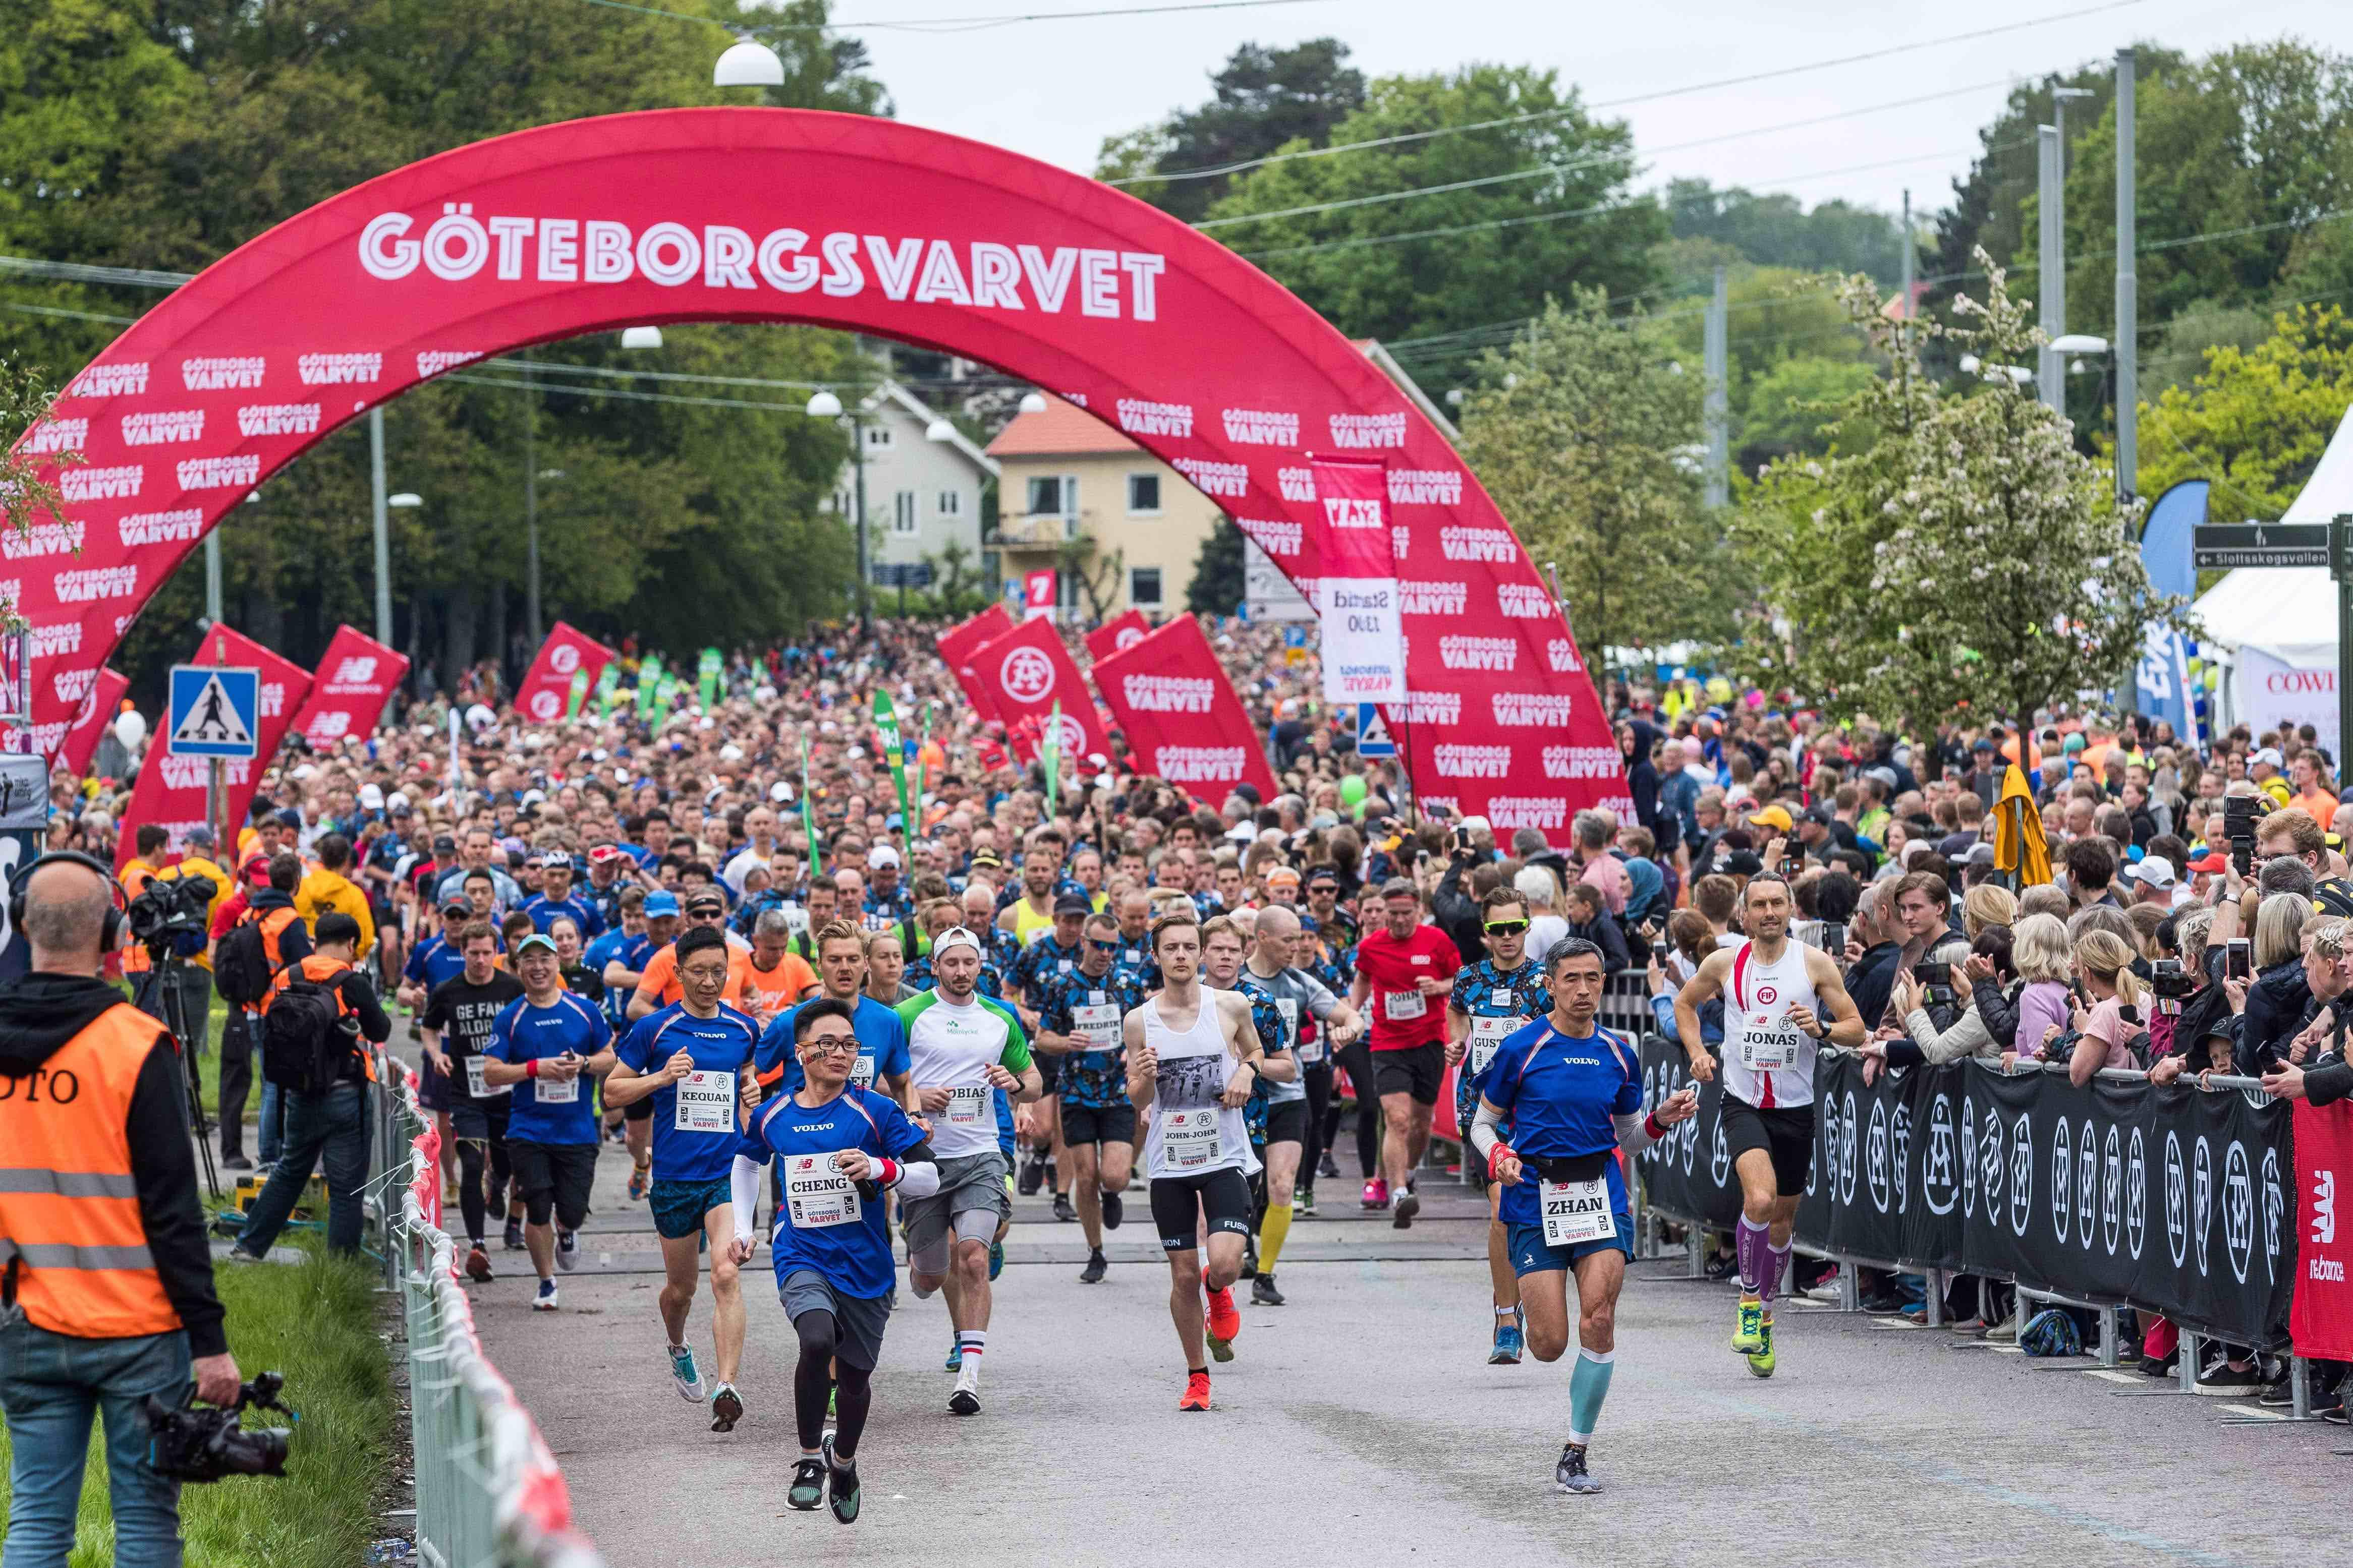 一路清呼吸沃尔沃汽车幸福守护2019哥德堡半程马拉松